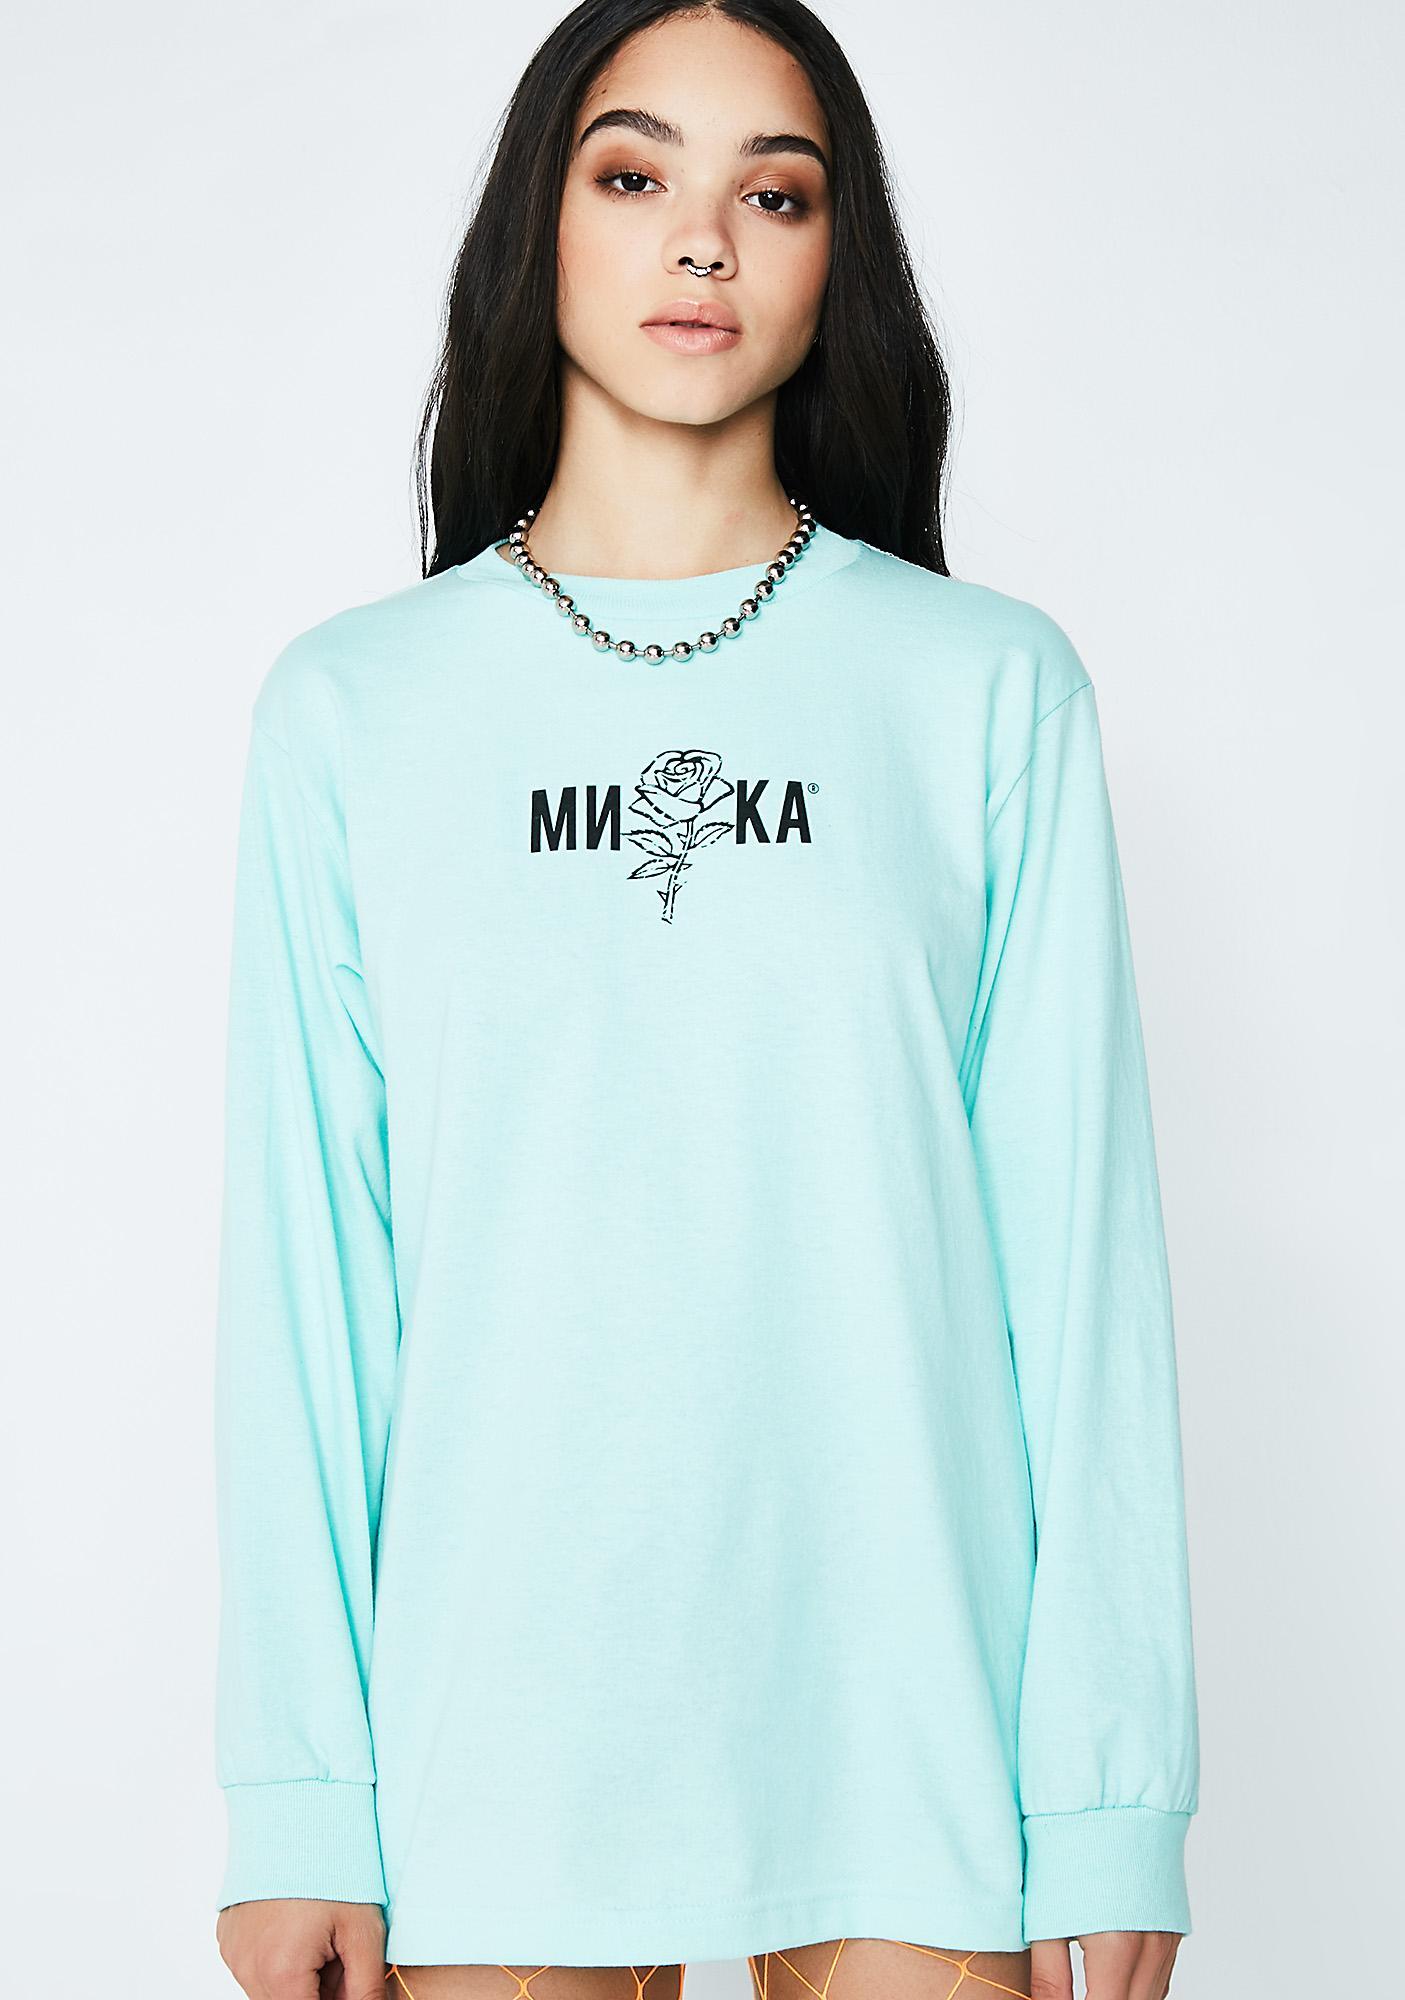 Mishka Adored Long Sleeve